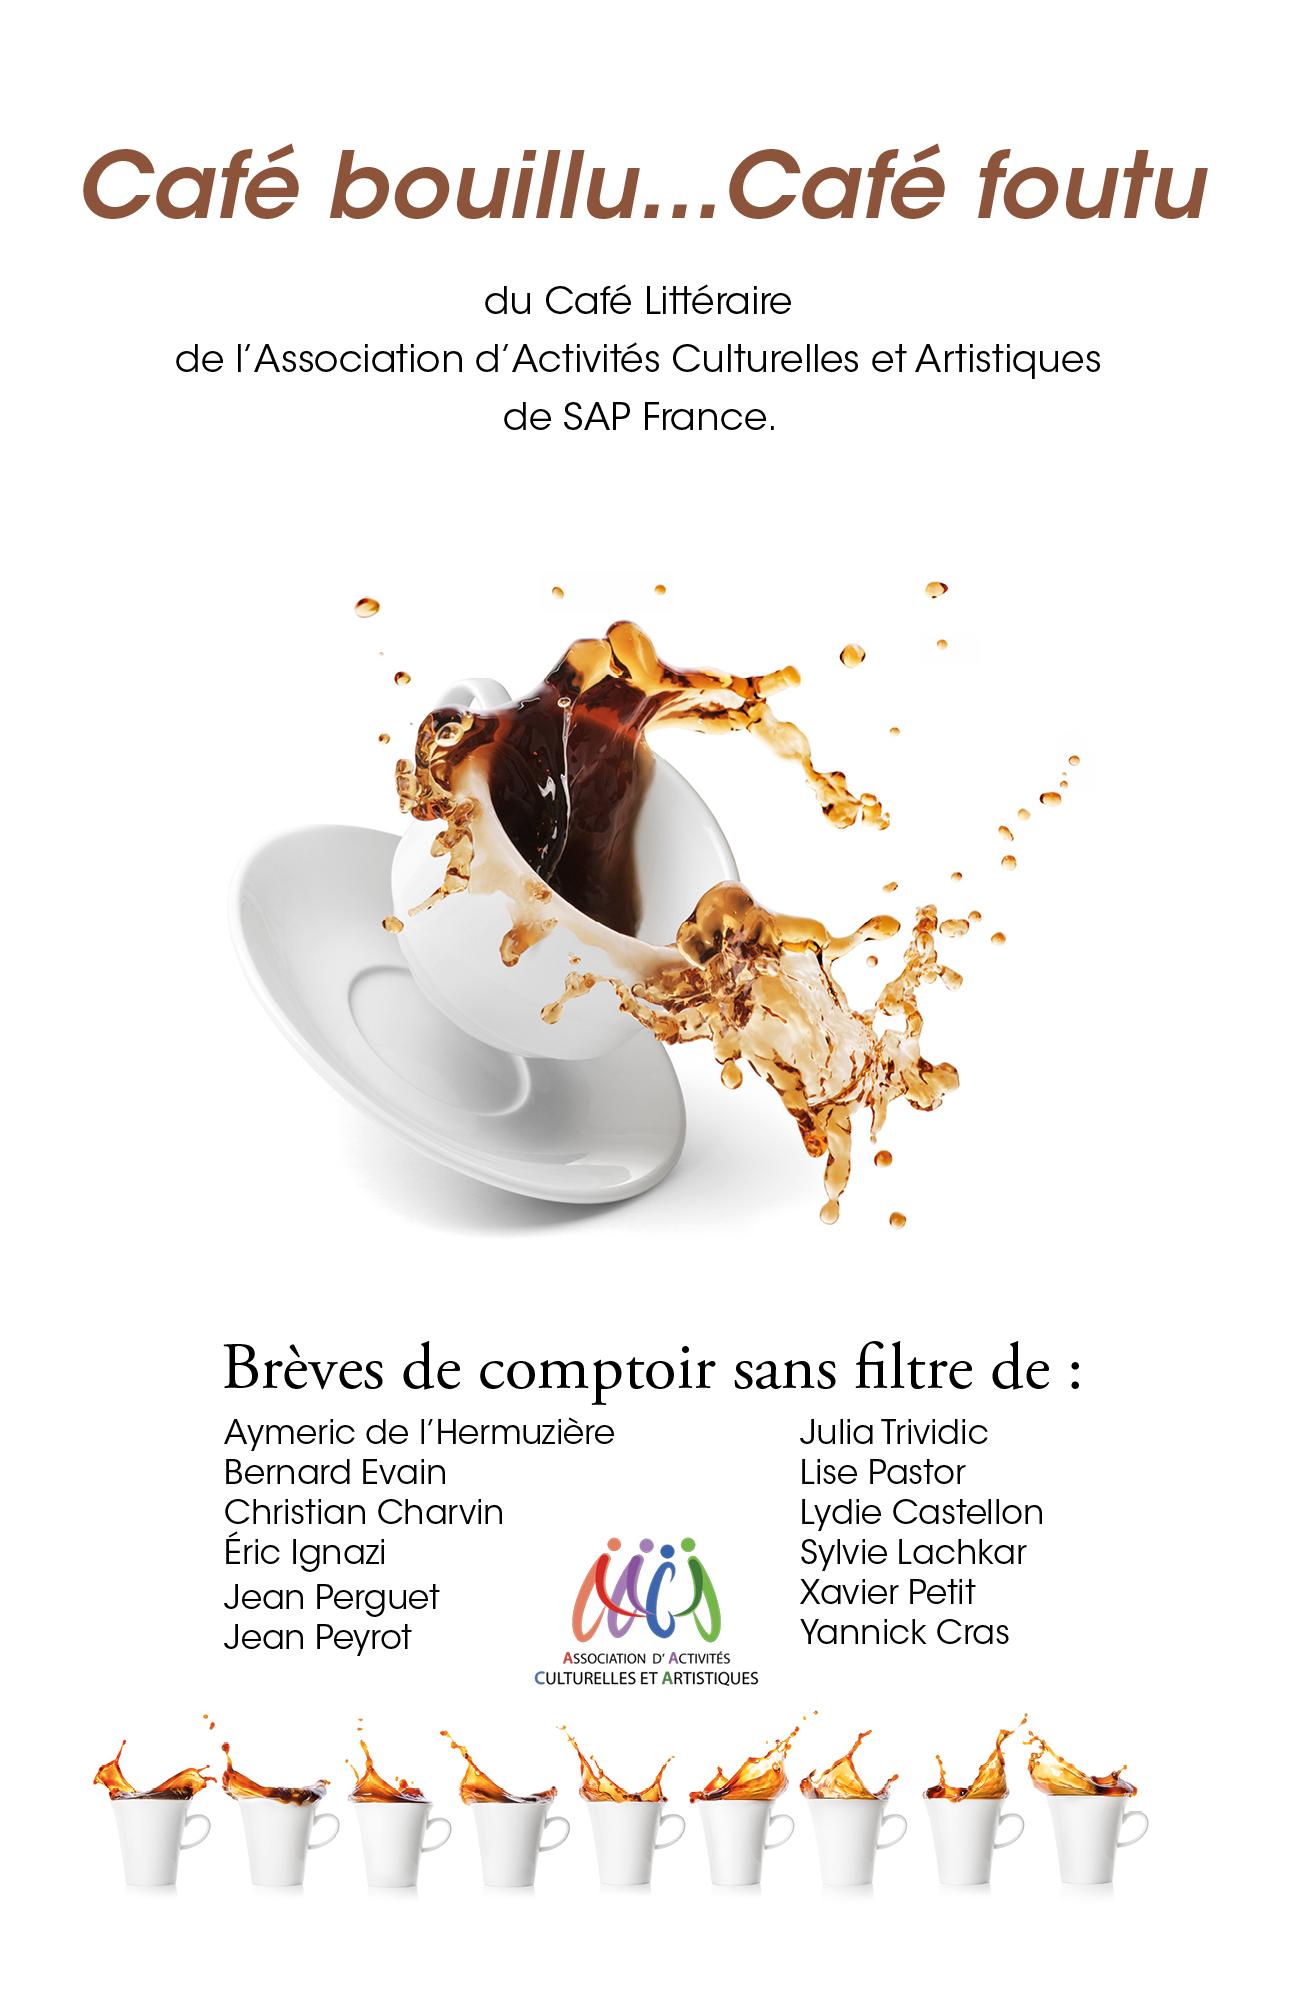 Cafés bouillus, cafés foutus...